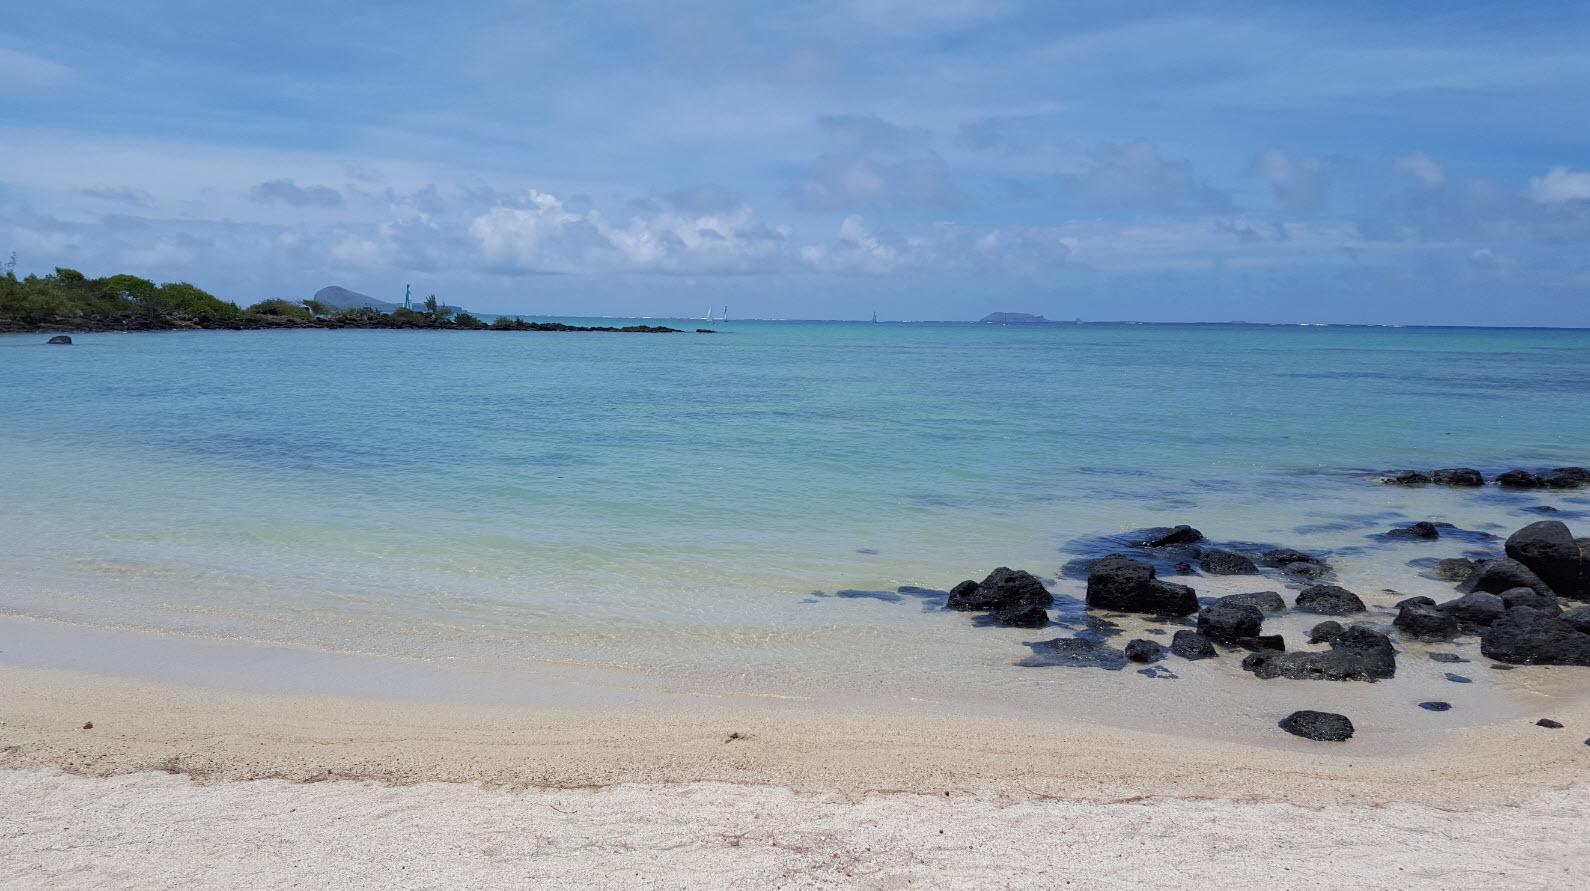 Plage de sable blanc et eau turquoise